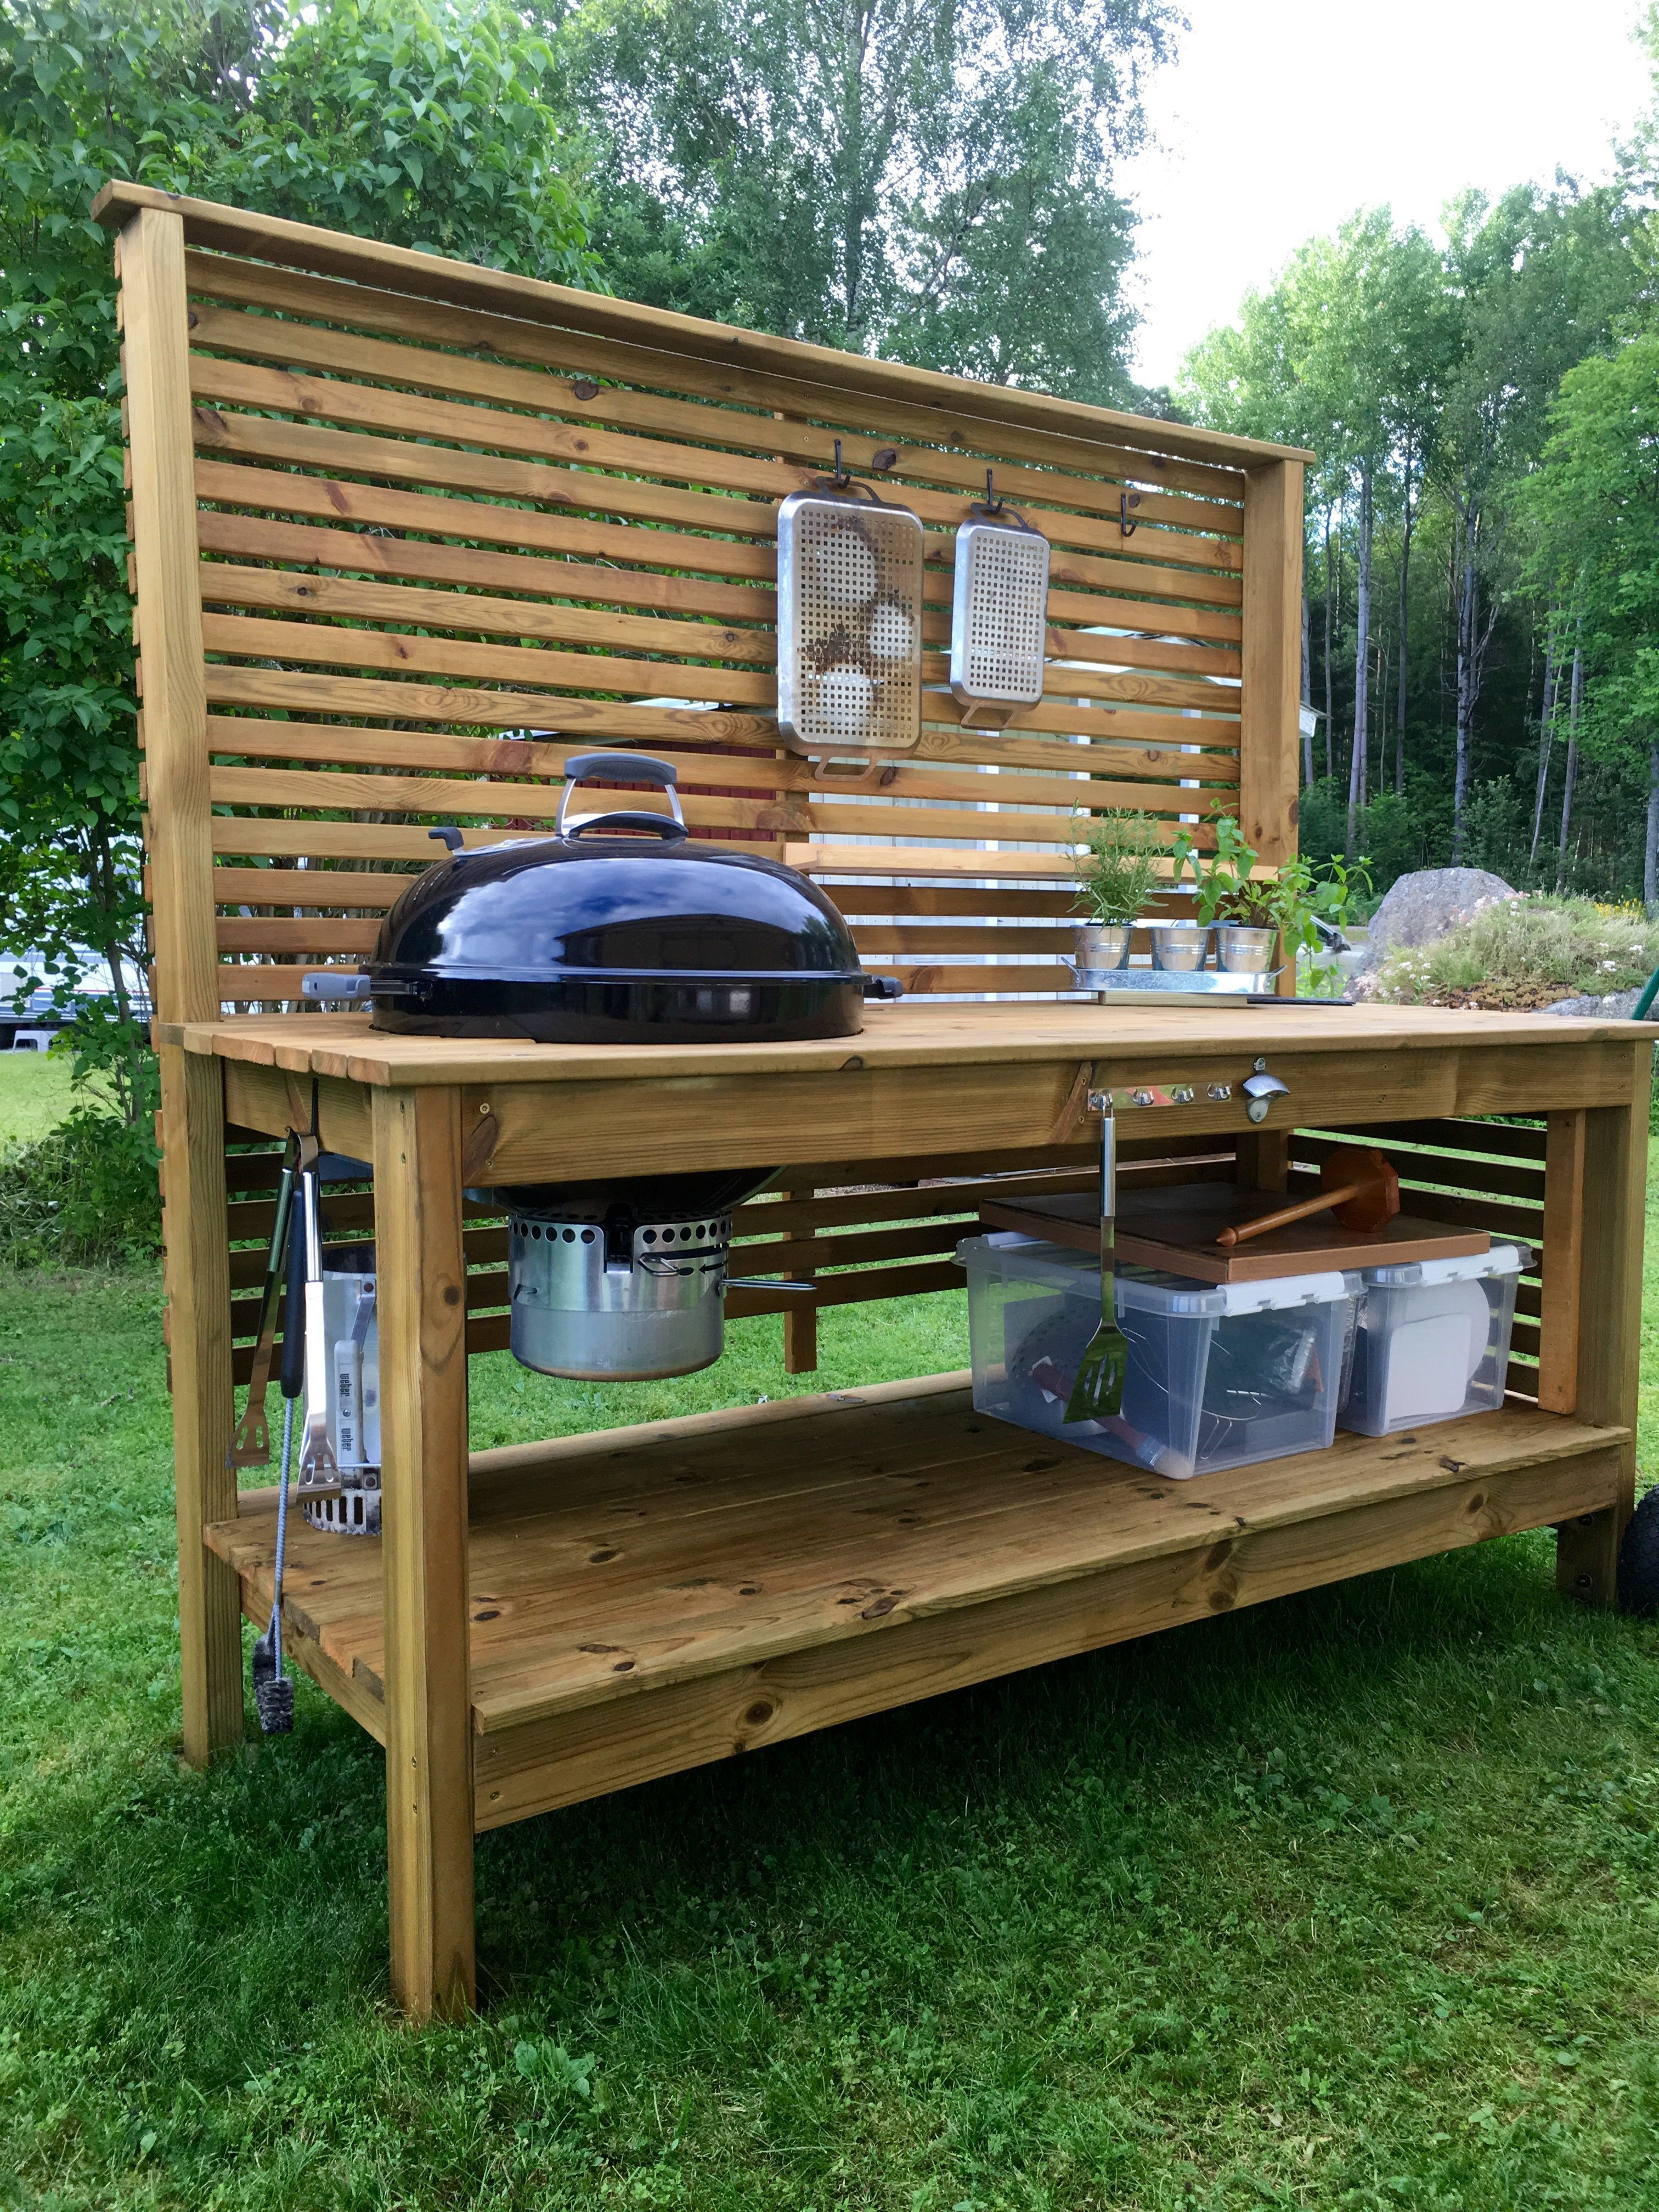 Diy Backyard Patio Ideas   Home   Pinterest   Outdoor küche, Outdoor ...